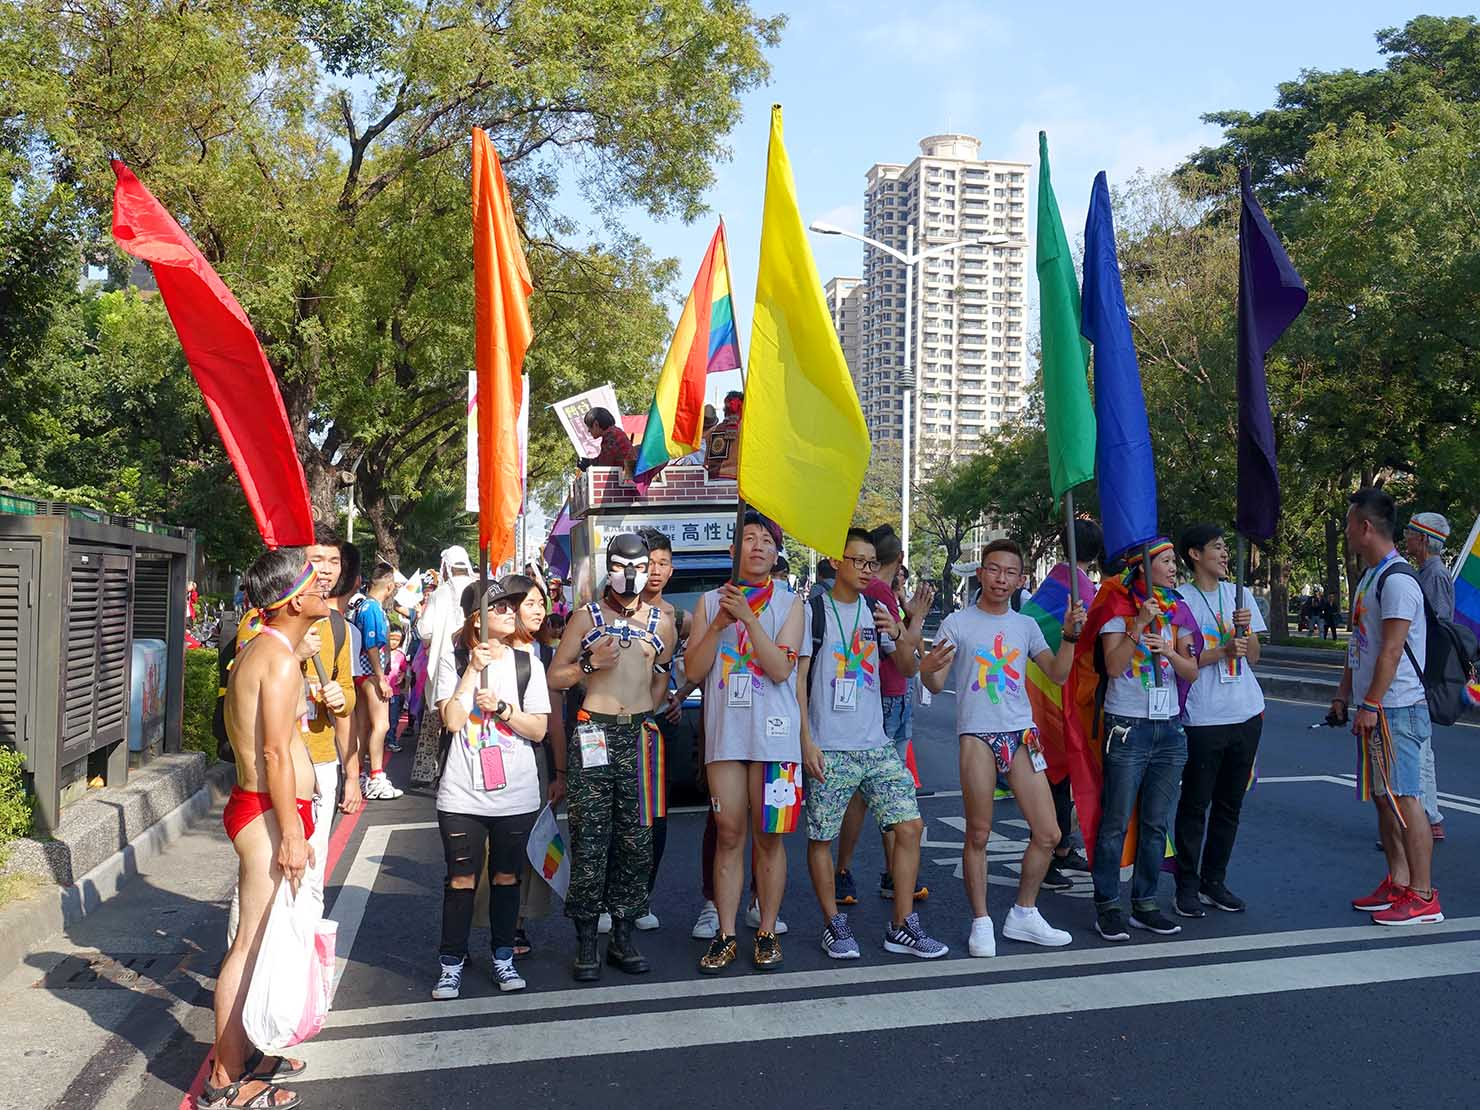 高雄同志大遊行(高雄レインボーパレード)2017のパレードを先導する6色の旗